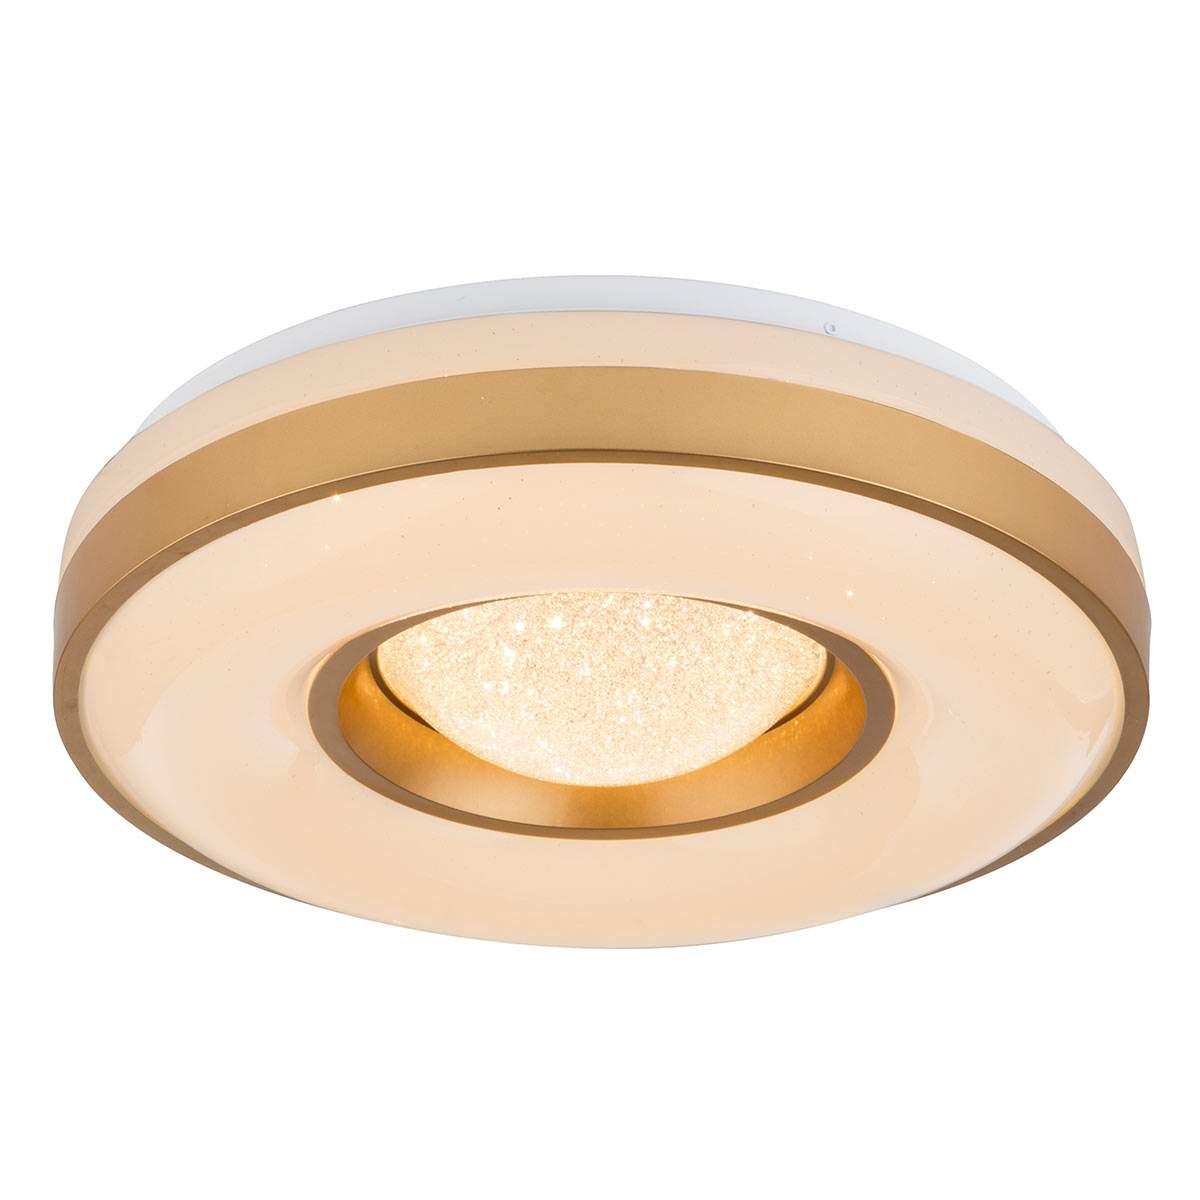 Plafoniera LED Colla con telaio color oro Illuminazione per interni